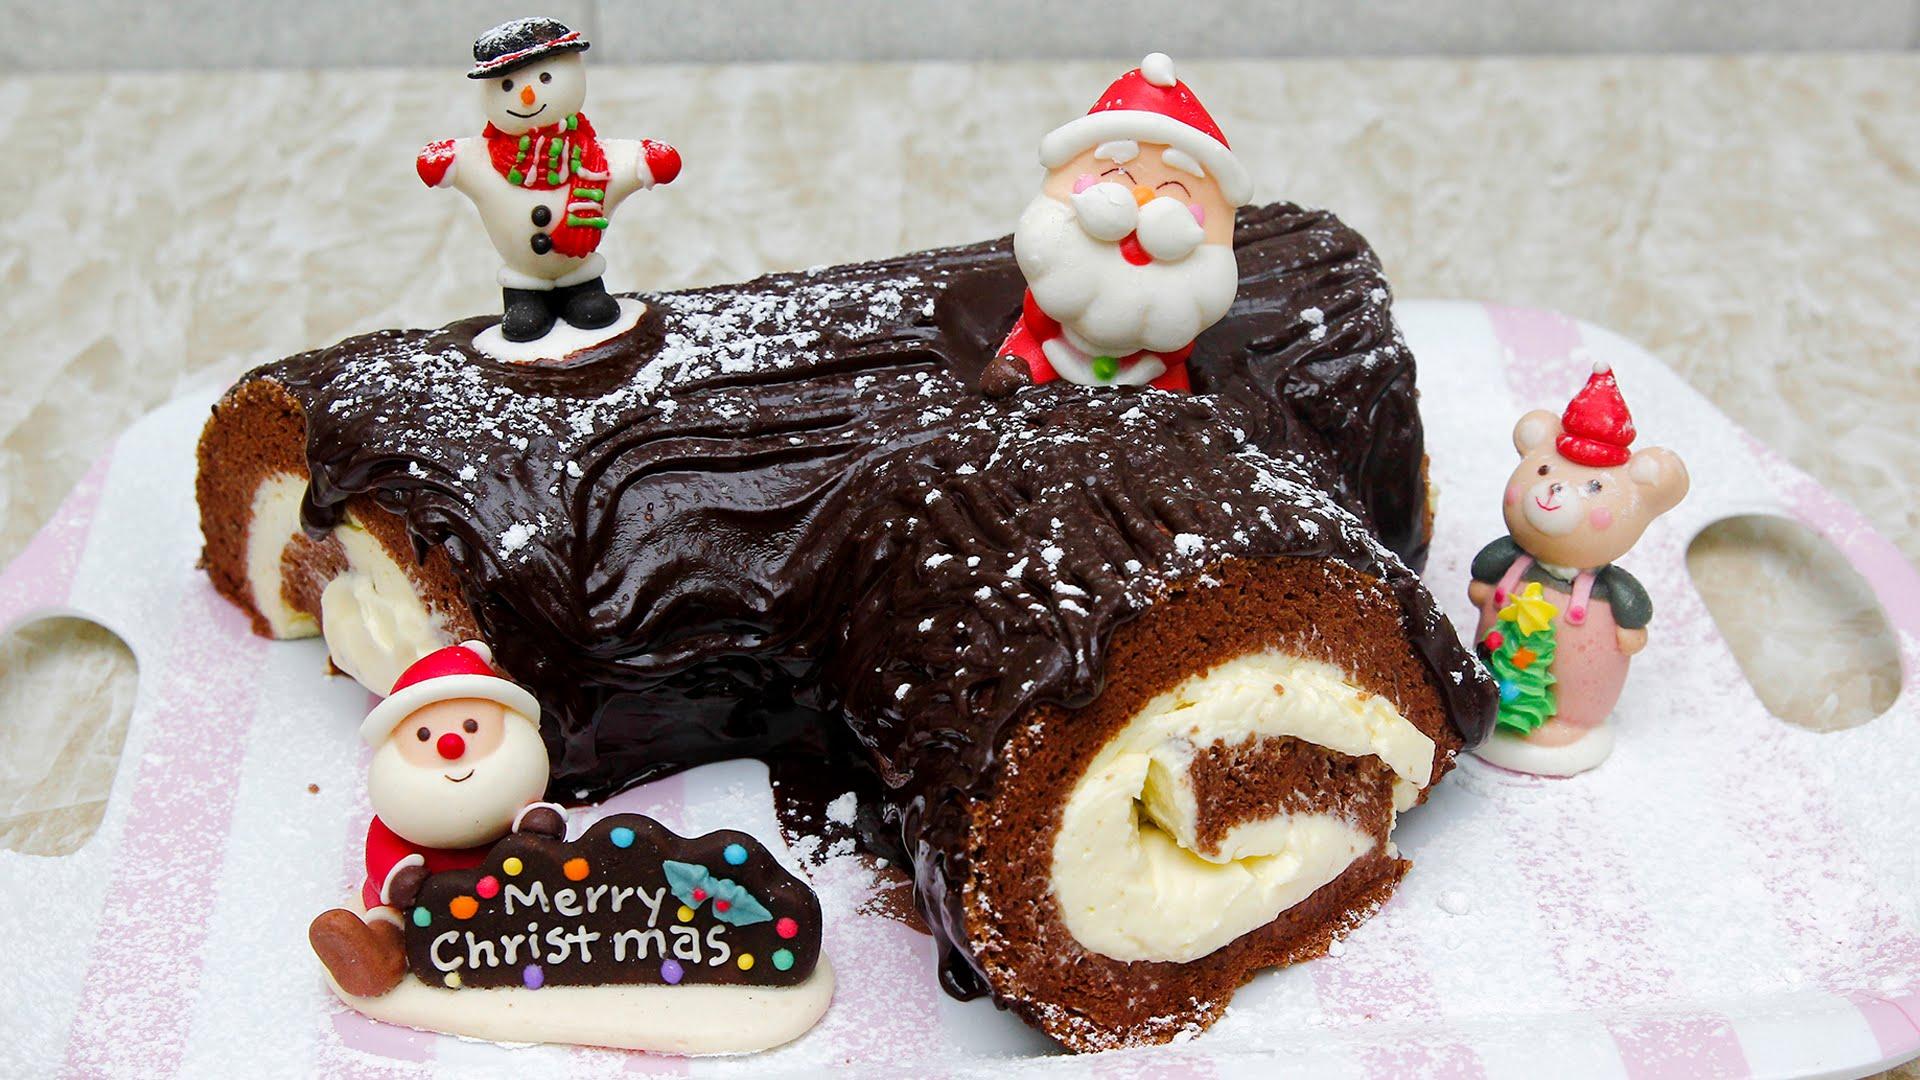 11 món ăn Giáng sinh truyền thống trên thế giới-1 món ăn giáng sinh truyền thống 11 món ăn Giáng sinh truyền thống phổ biến nhất trên thế giới 11 mon an giang sinh truyen thong the gioi